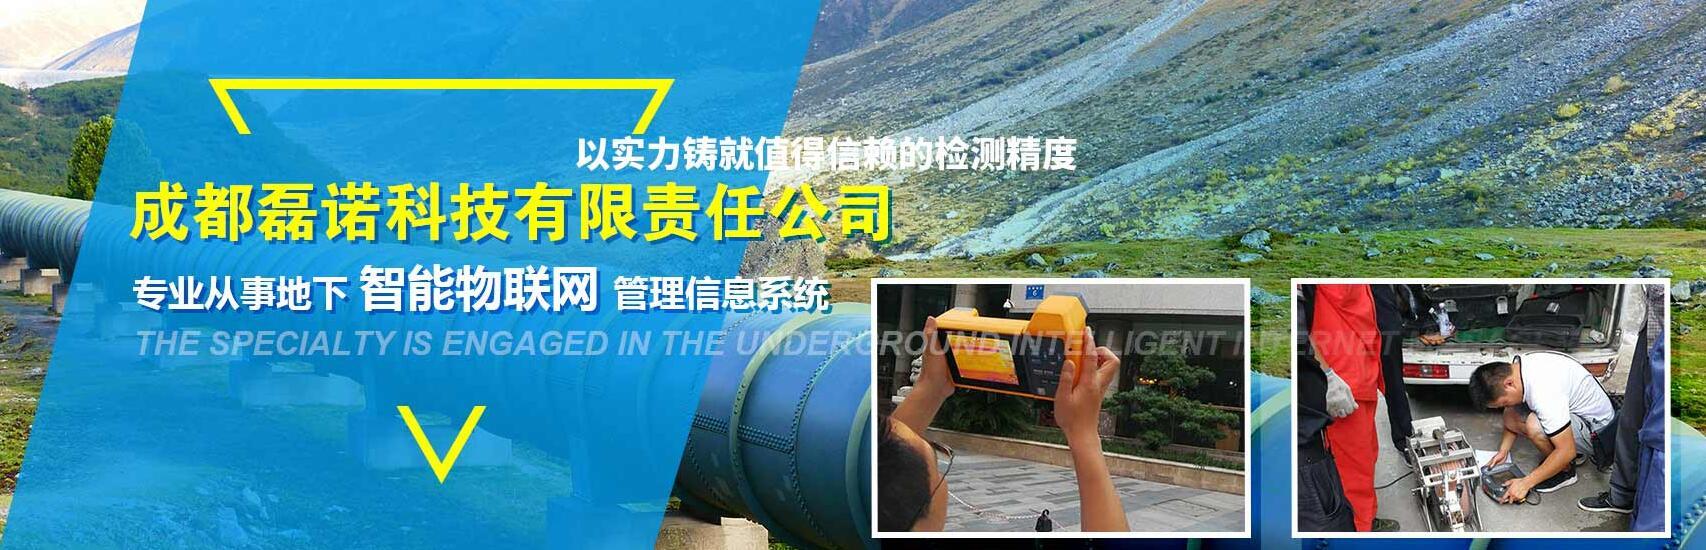 四川用水在线检测系统